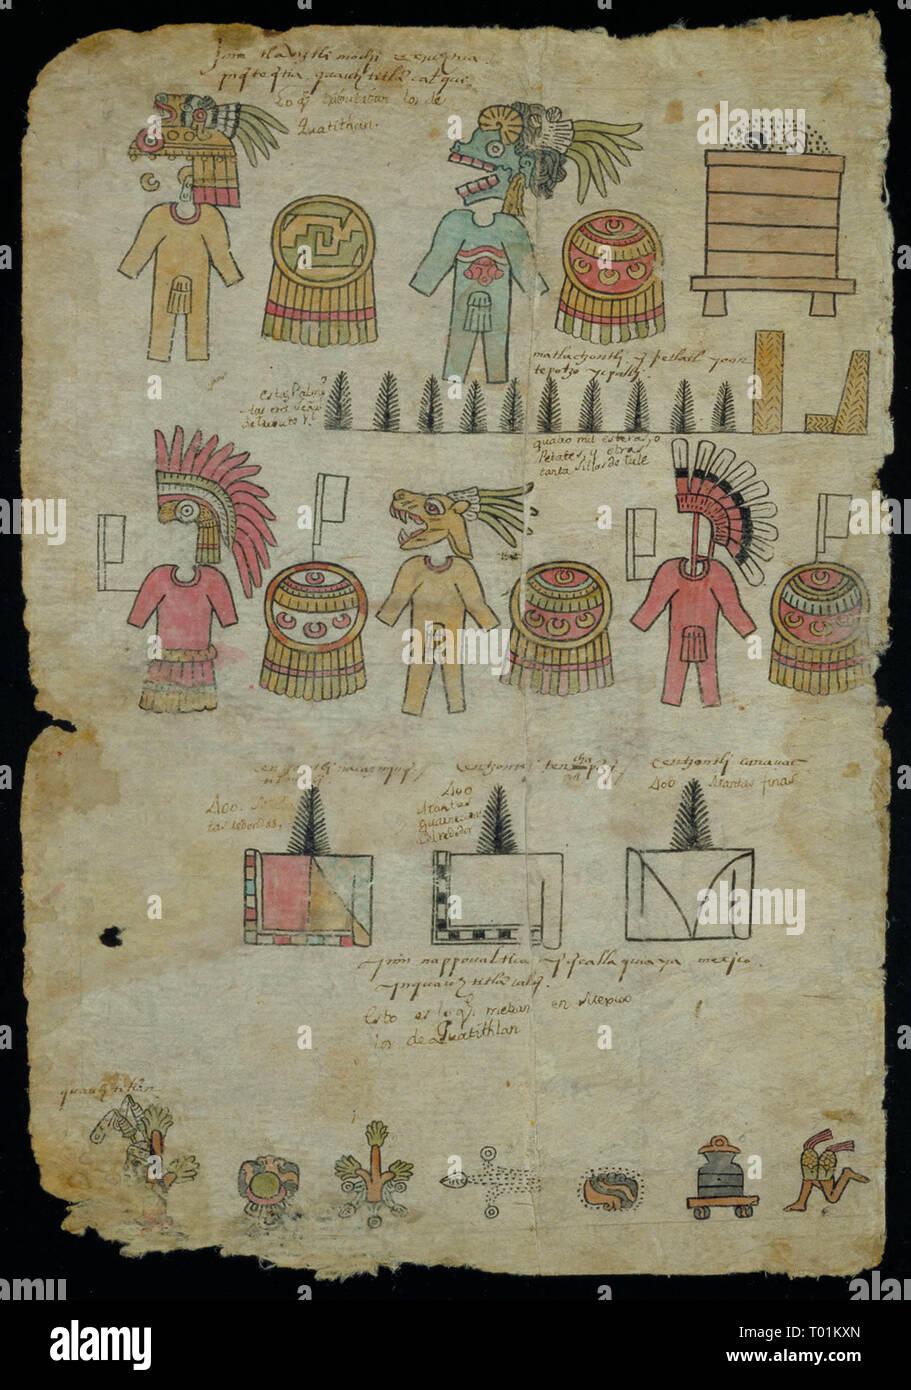 La matrícula de tributos, que data de 1522-1530 CE. Está escrito en náhuatl clásico y fue encontrado en la Ciudad de México Foto de stock